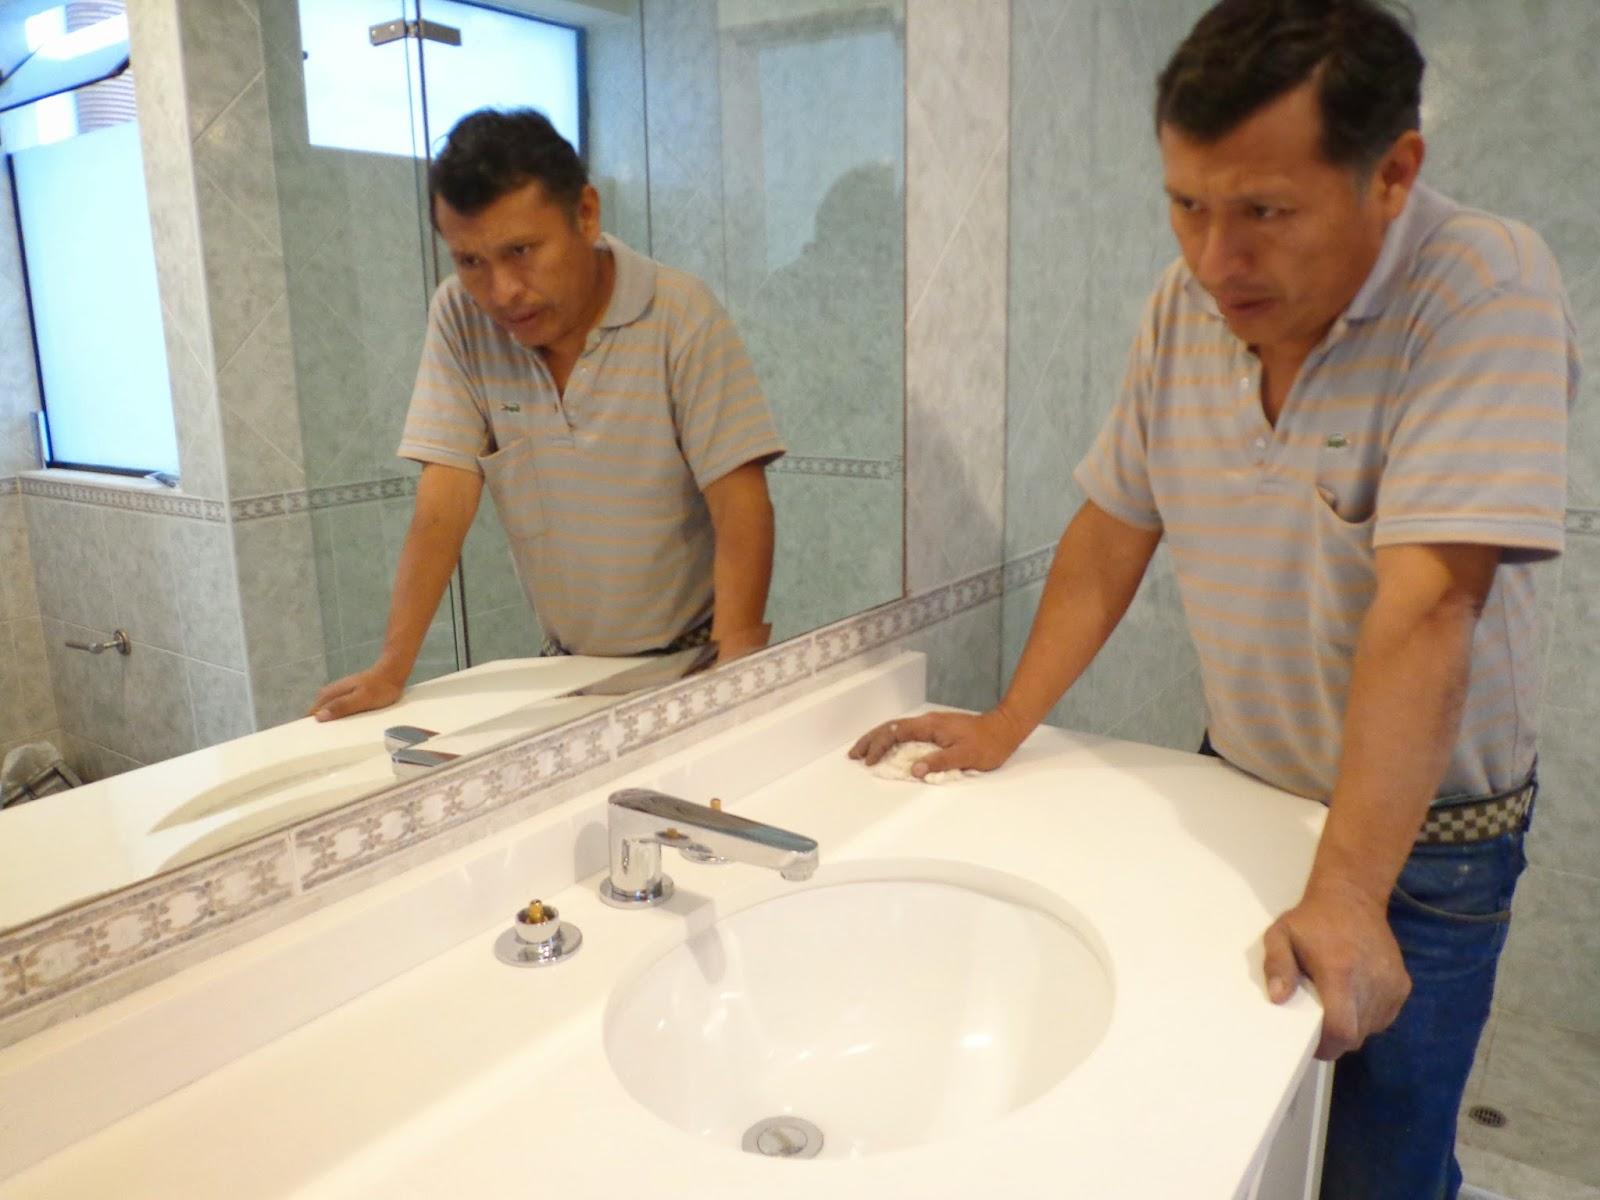 Cubiertas topes encimeras cocina granito marmol for Origen del marmol